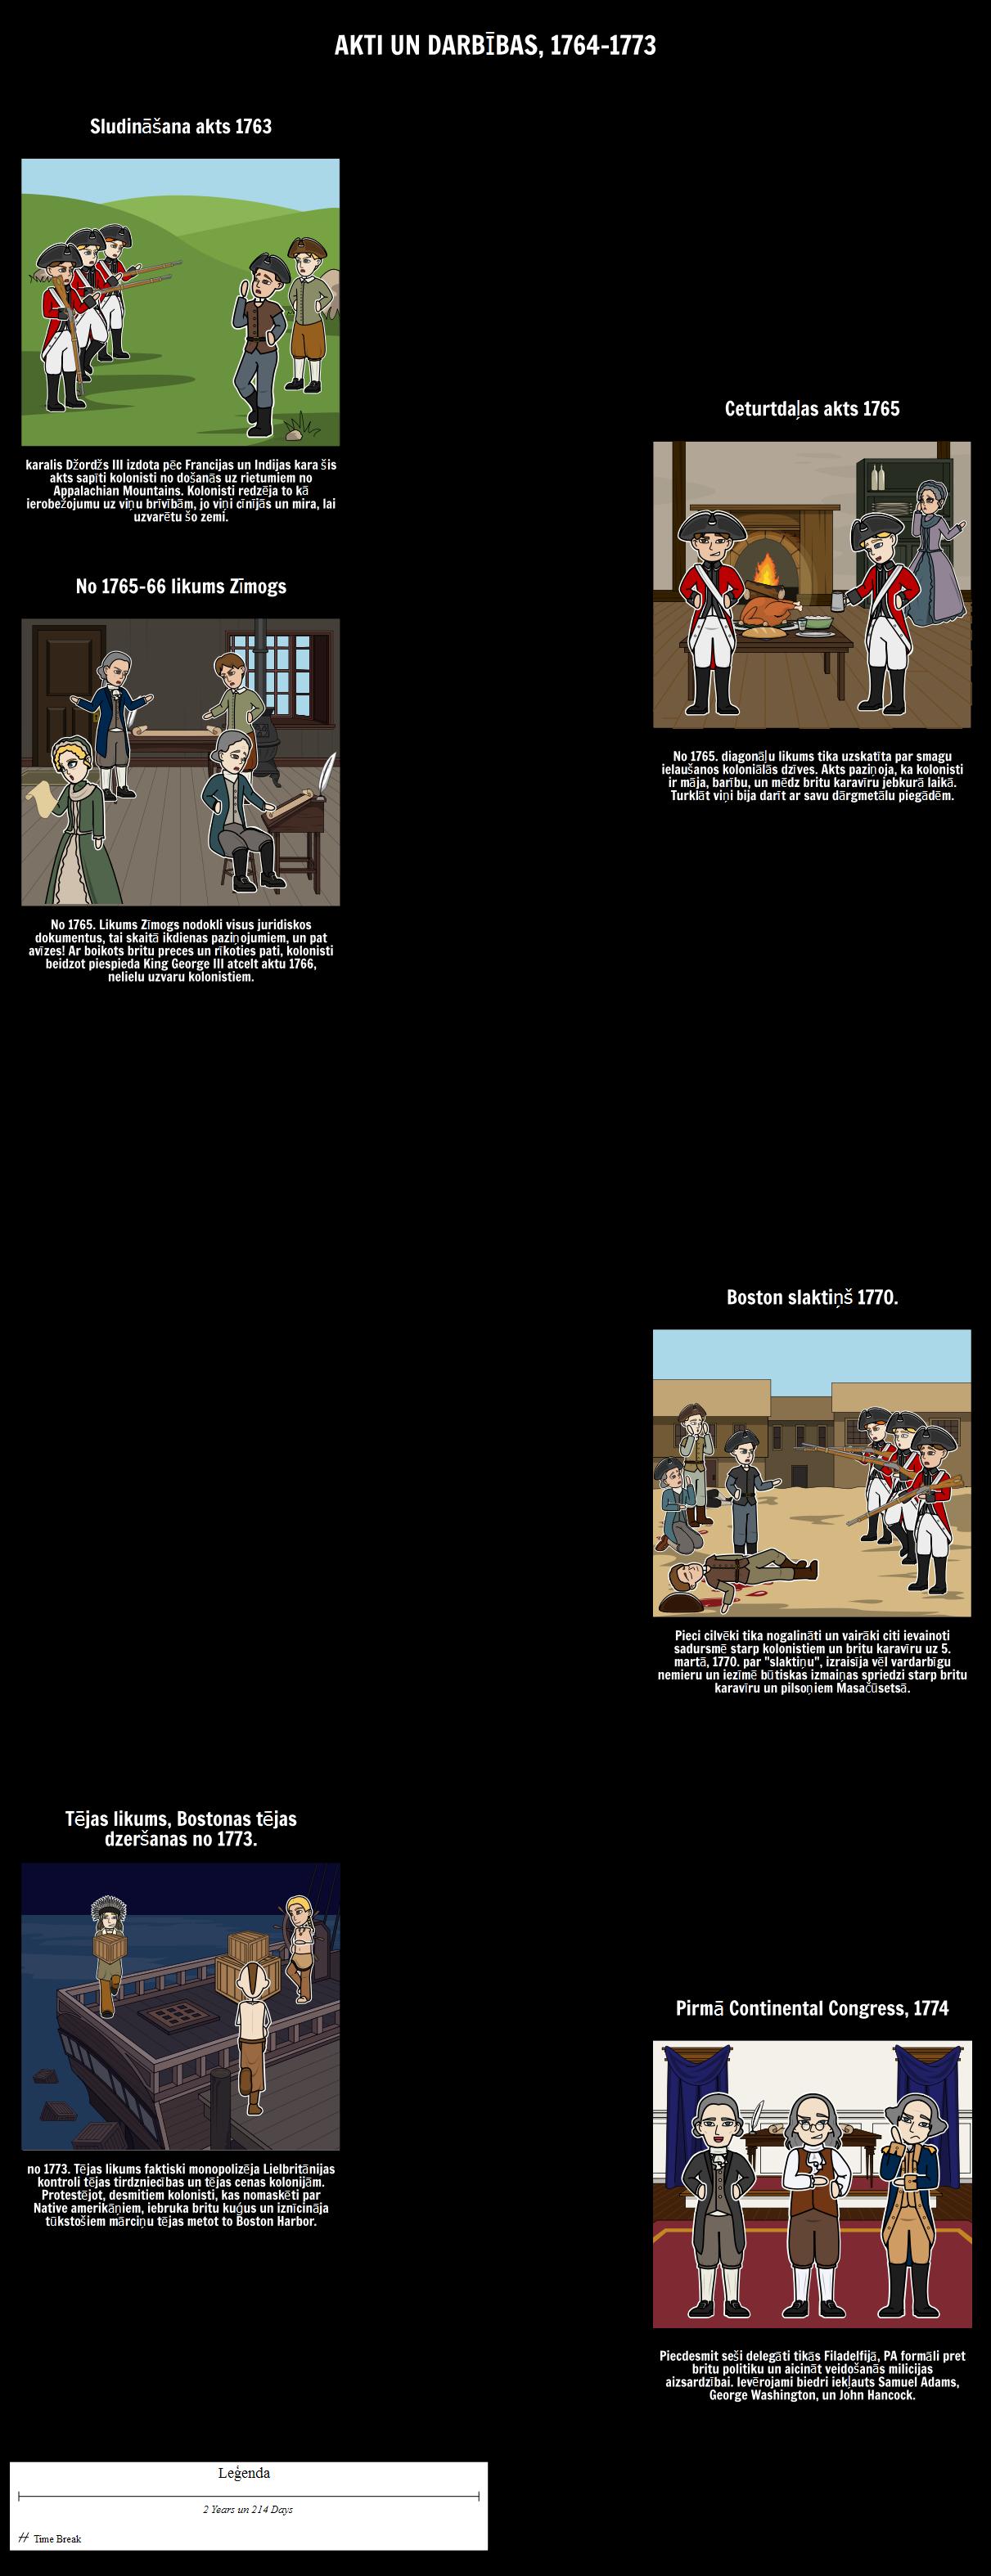 Akti un rīcība 13 kolonijas: 1764-1773